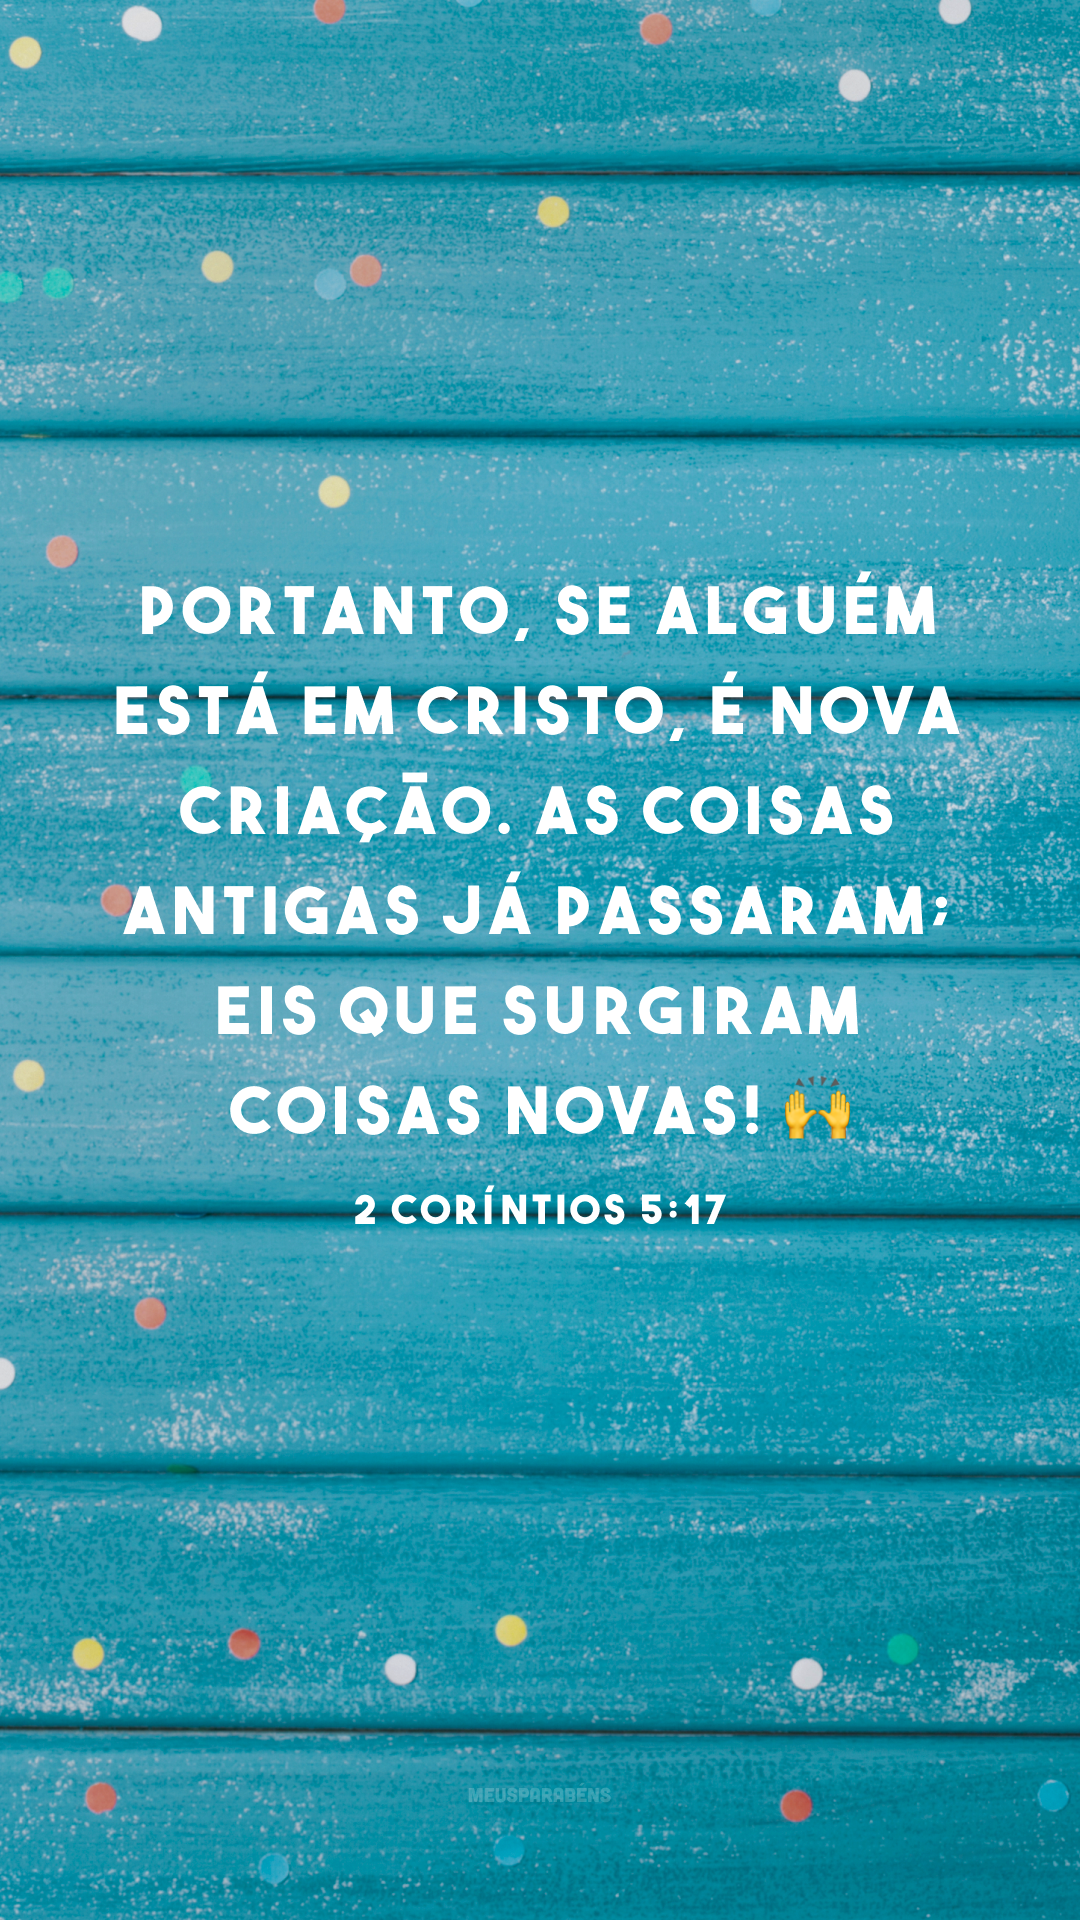 Portanto, se alguém está em Cristo, é nova criação. As coisas antigas já passaram; eis que surgiram coisas novas! 🙌